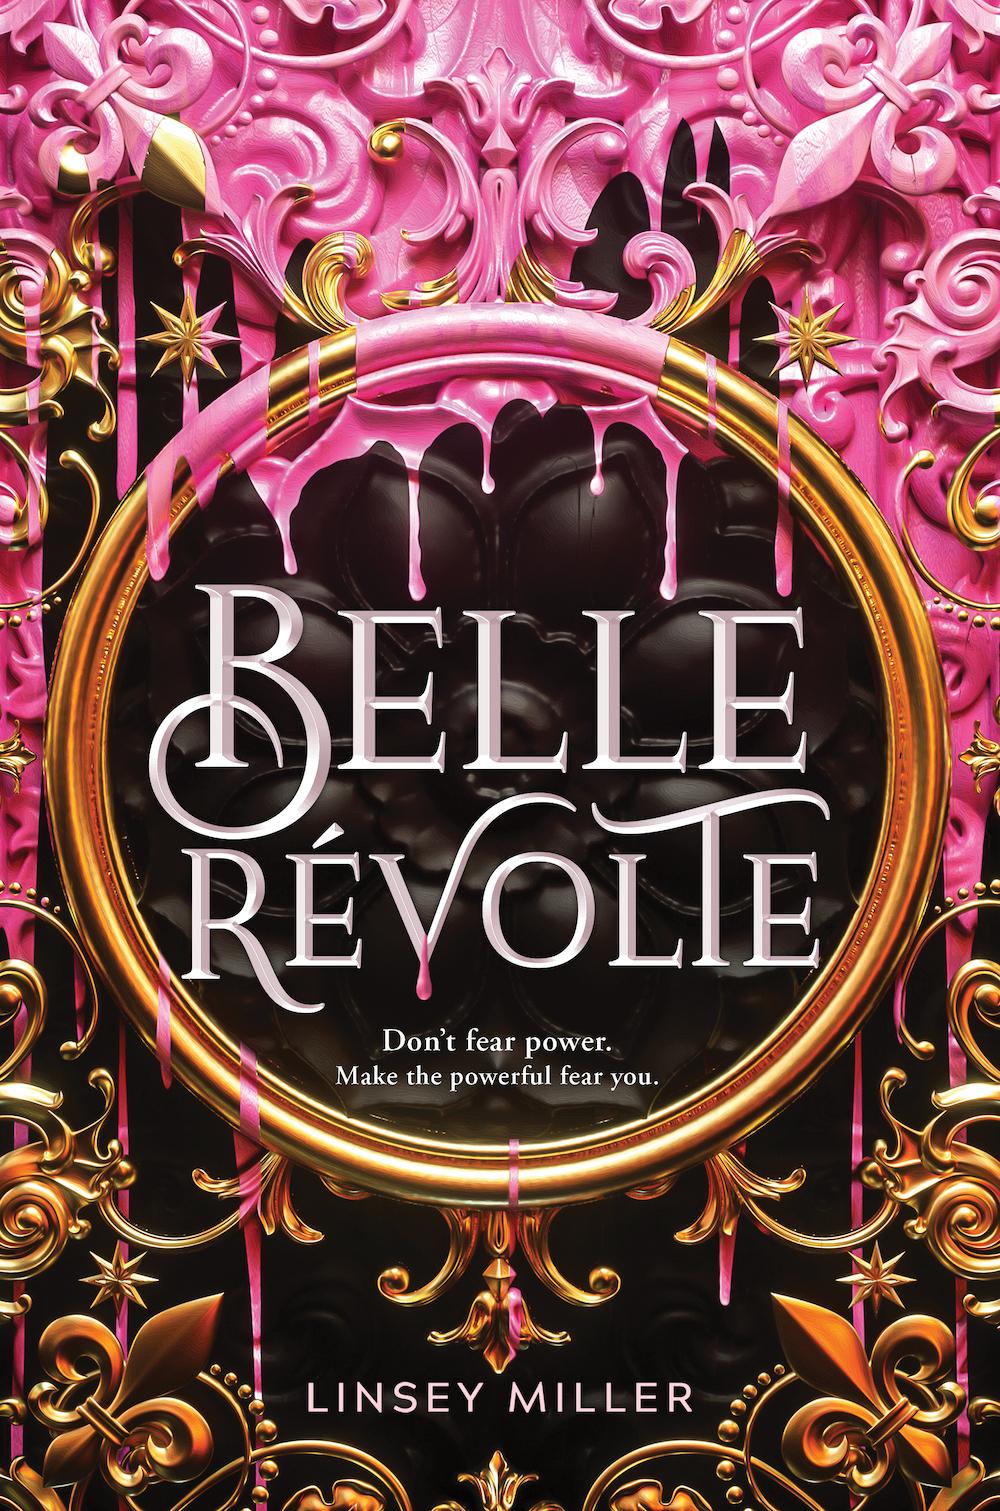 Belle Revolte Cover12